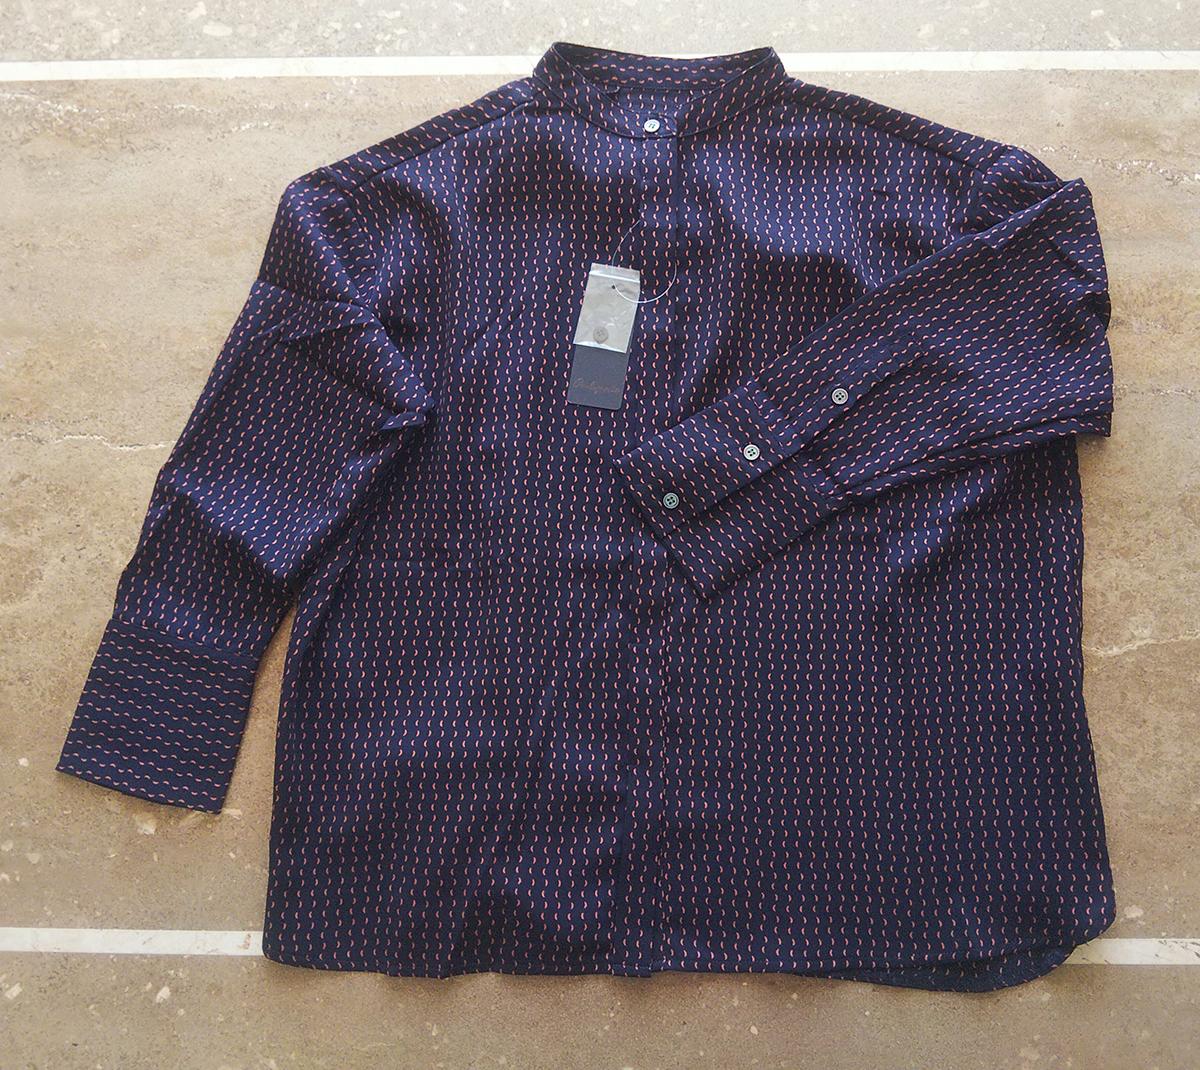 ドットラインシャツ(ネイビー)